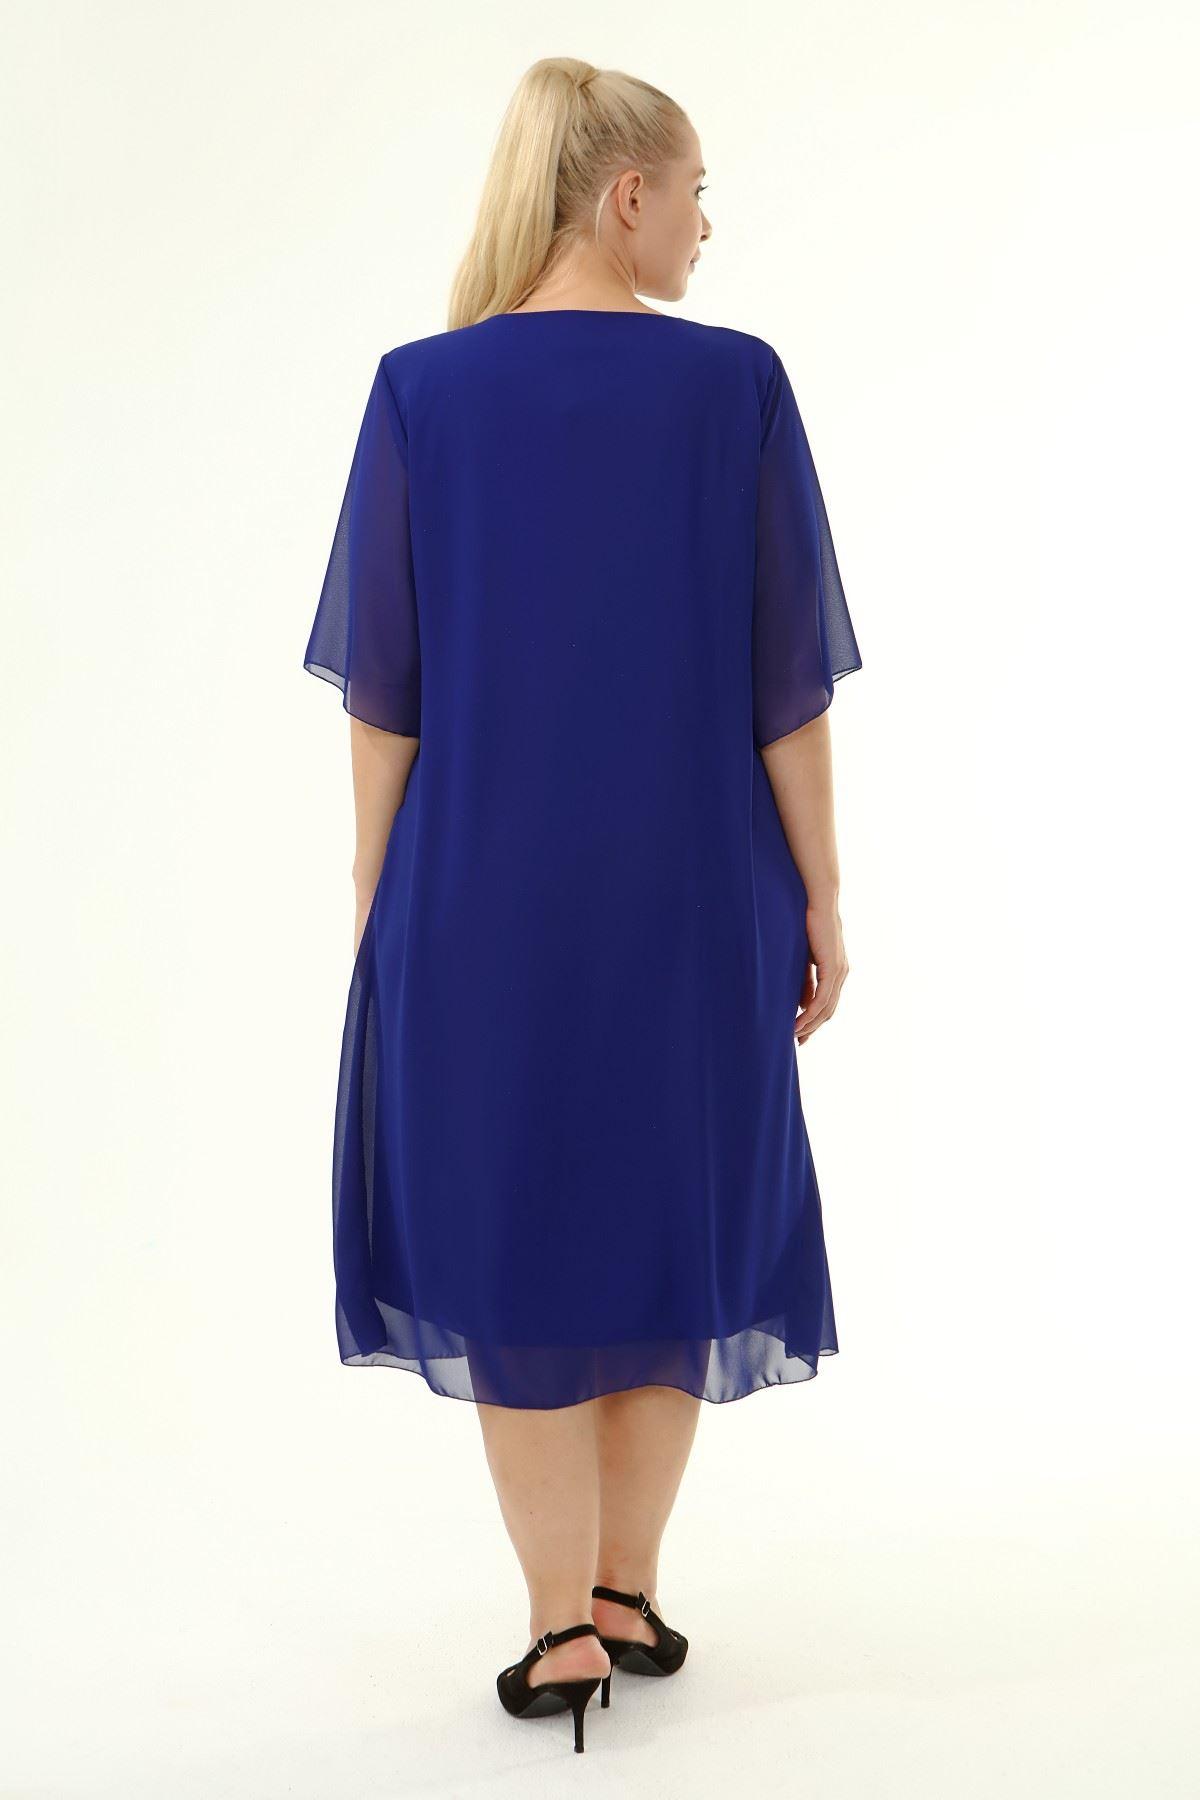 Büyük Beden Şifon Elbise 10A-1860